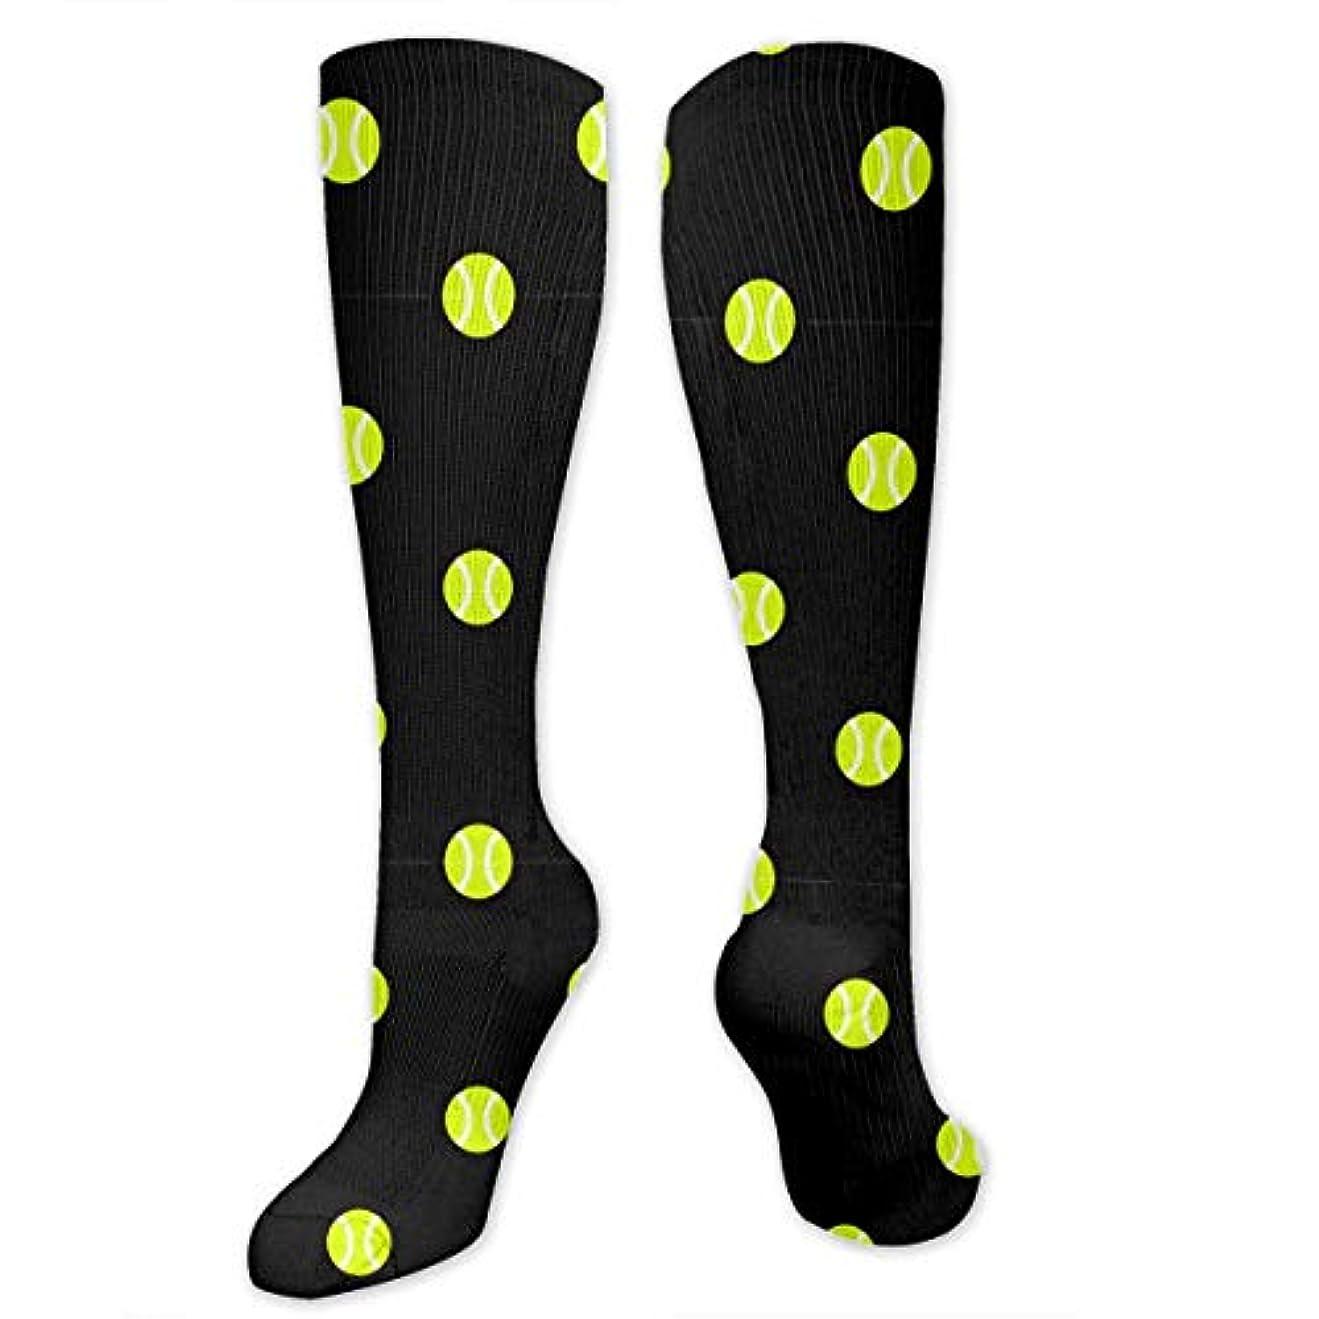 眠りタンパク質理想的靴下,ストッキング,野生のジョーカー,実際,秋の本質,冬必須,サマーウェア&RBXAA Tennis Ball Dot Black Socks Women's Winter Cotton Long Tube Socks...